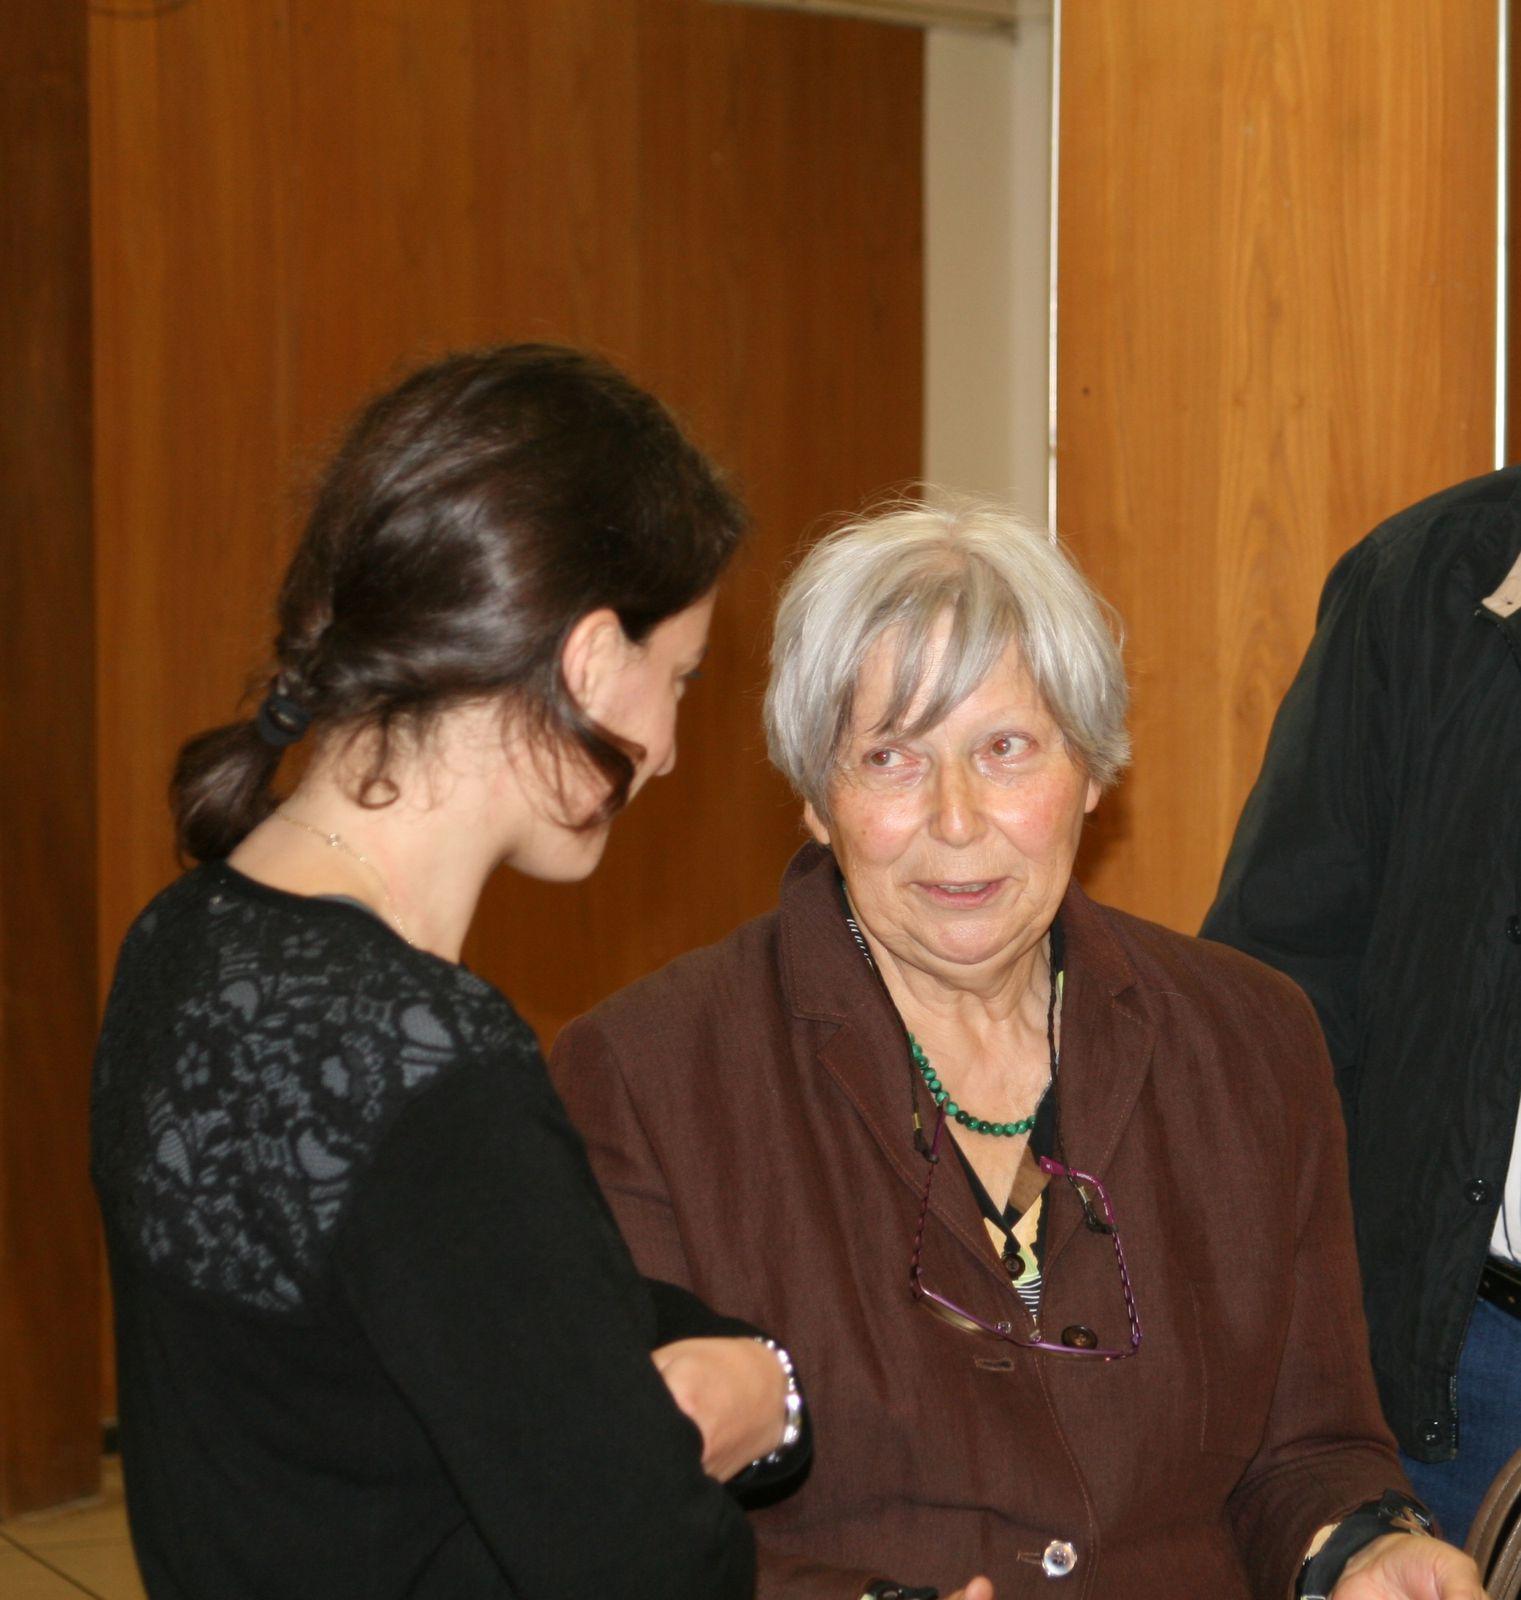 Rencontre entre Cécile Fourrel de Frettes et Lise Roméo de Zerbi au sein du Cercle Blasco Ibanez, dans la salle Blasco Ibañez de Menton.